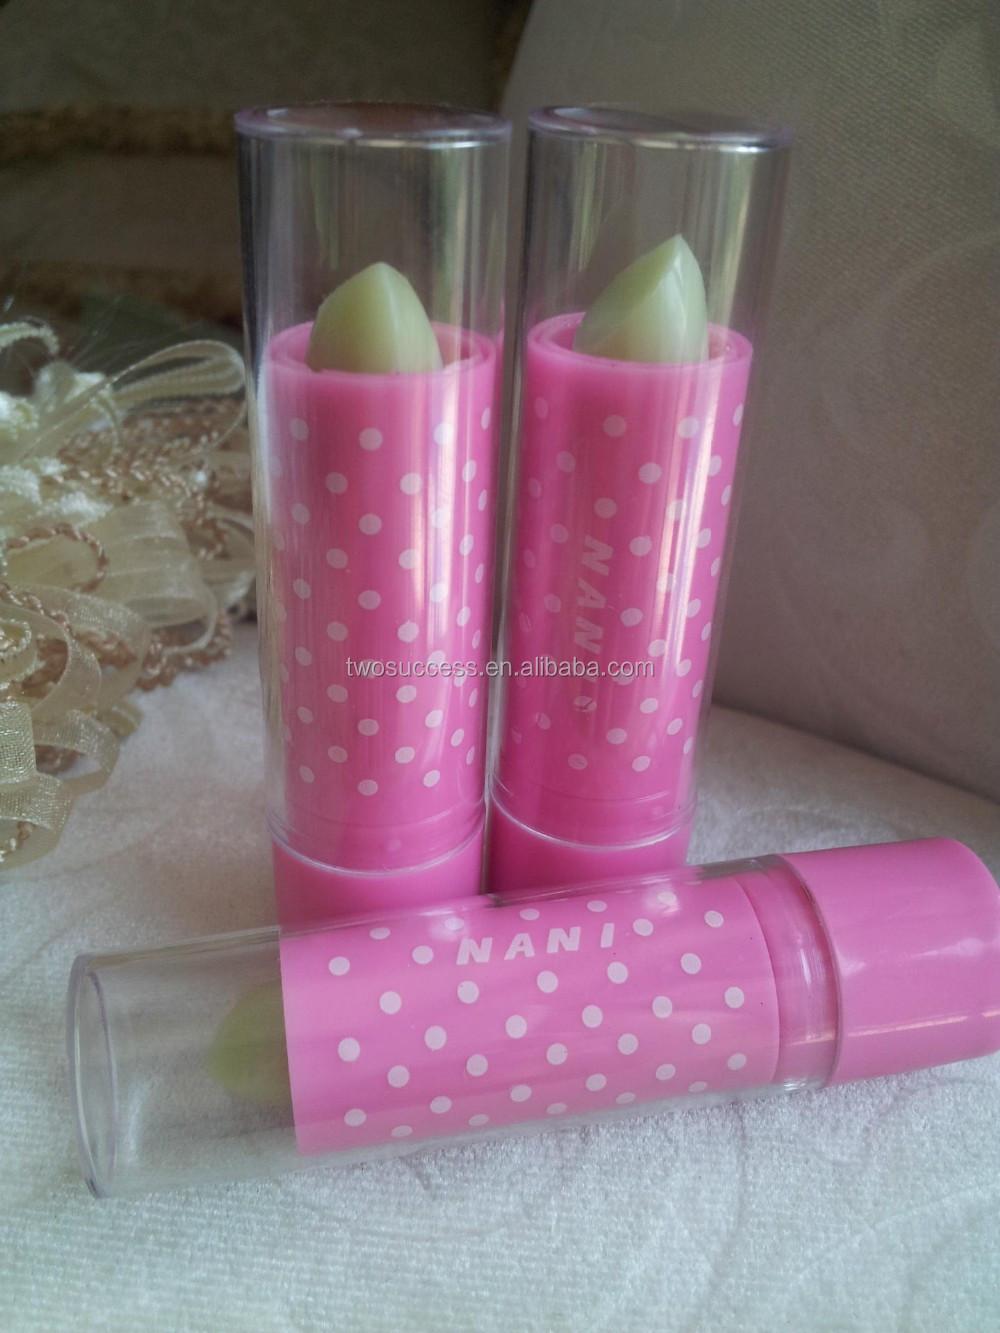 Fruit flavored waterproof lipstick